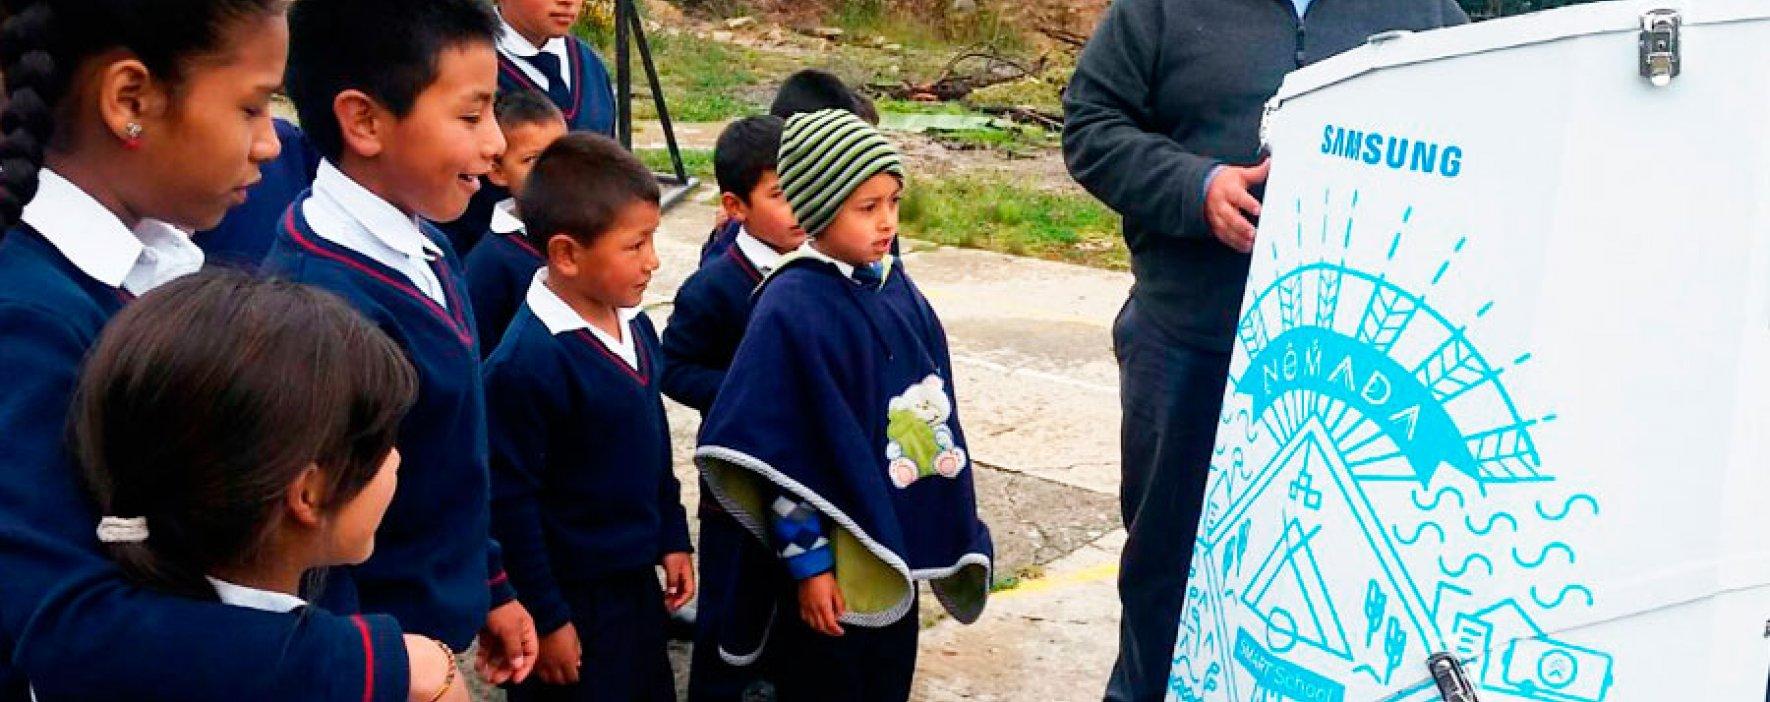 Cucunubá vivió el aula nómada de Samsung